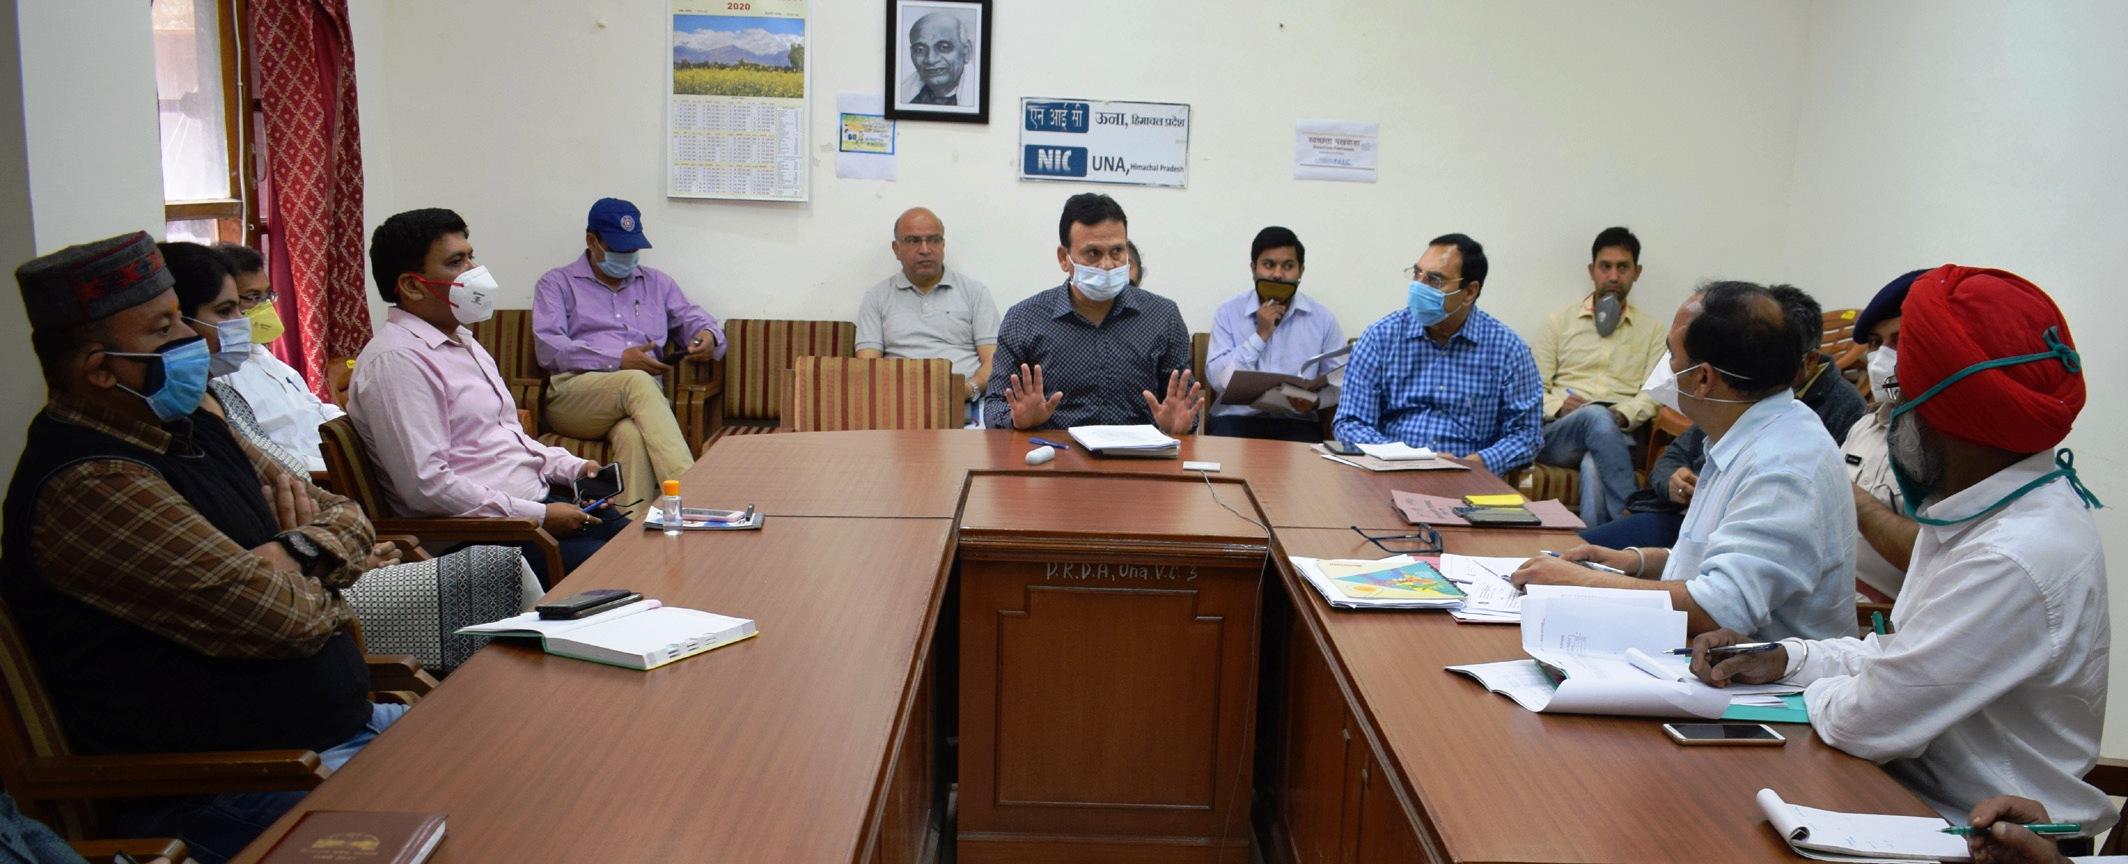 होम क्वारंटीन का उल्लंघन करने पर दर्ज होगा मामलाः संदीप कुमार